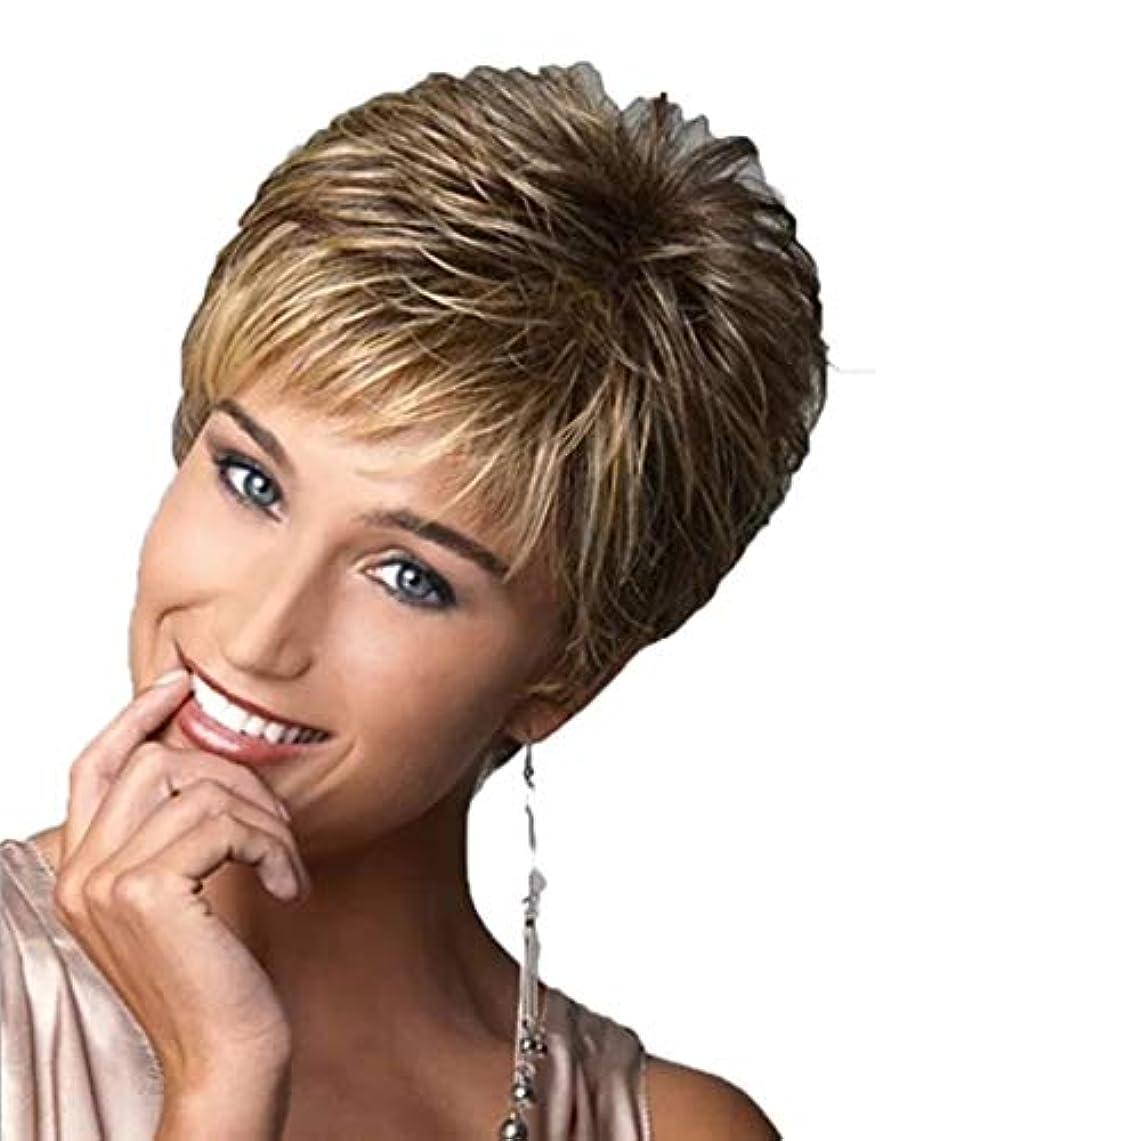 技術イタリック移植Kerwinner レディースウィッグショートカーリーヘアーショートヘアふわふわナチュラルかつら